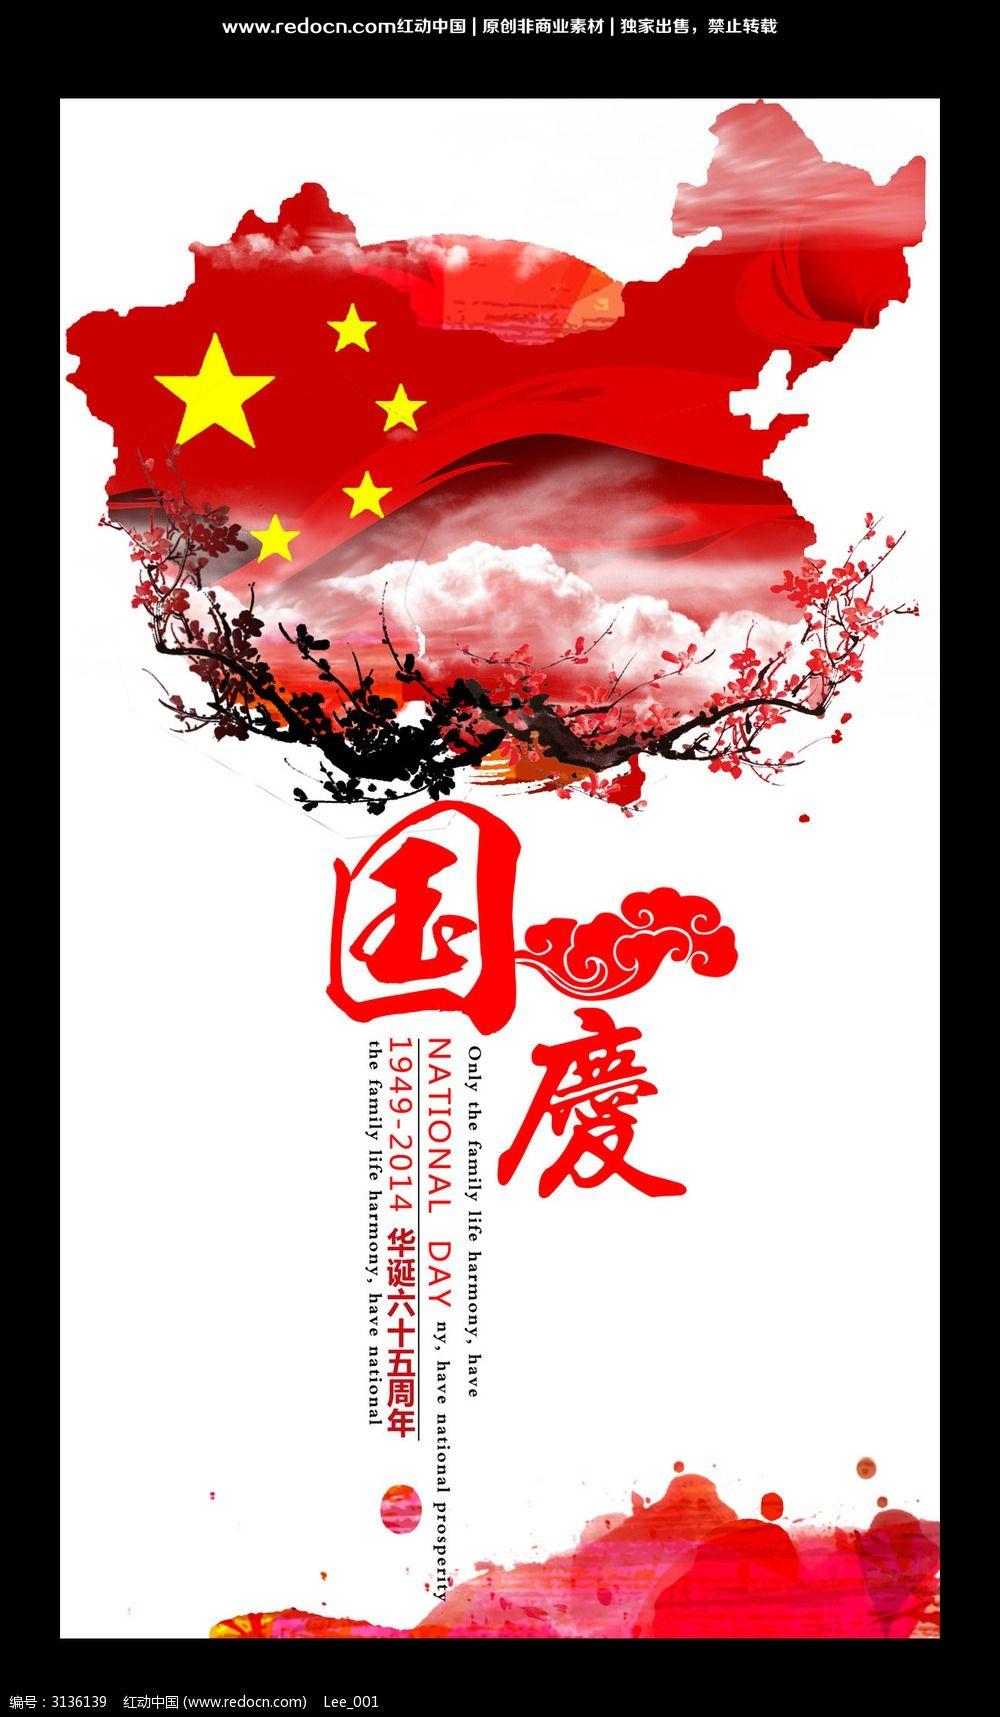 原创设计稿 节日素材 十一国庆节 中国风国庆吉祥宣传海报  请您分享图片